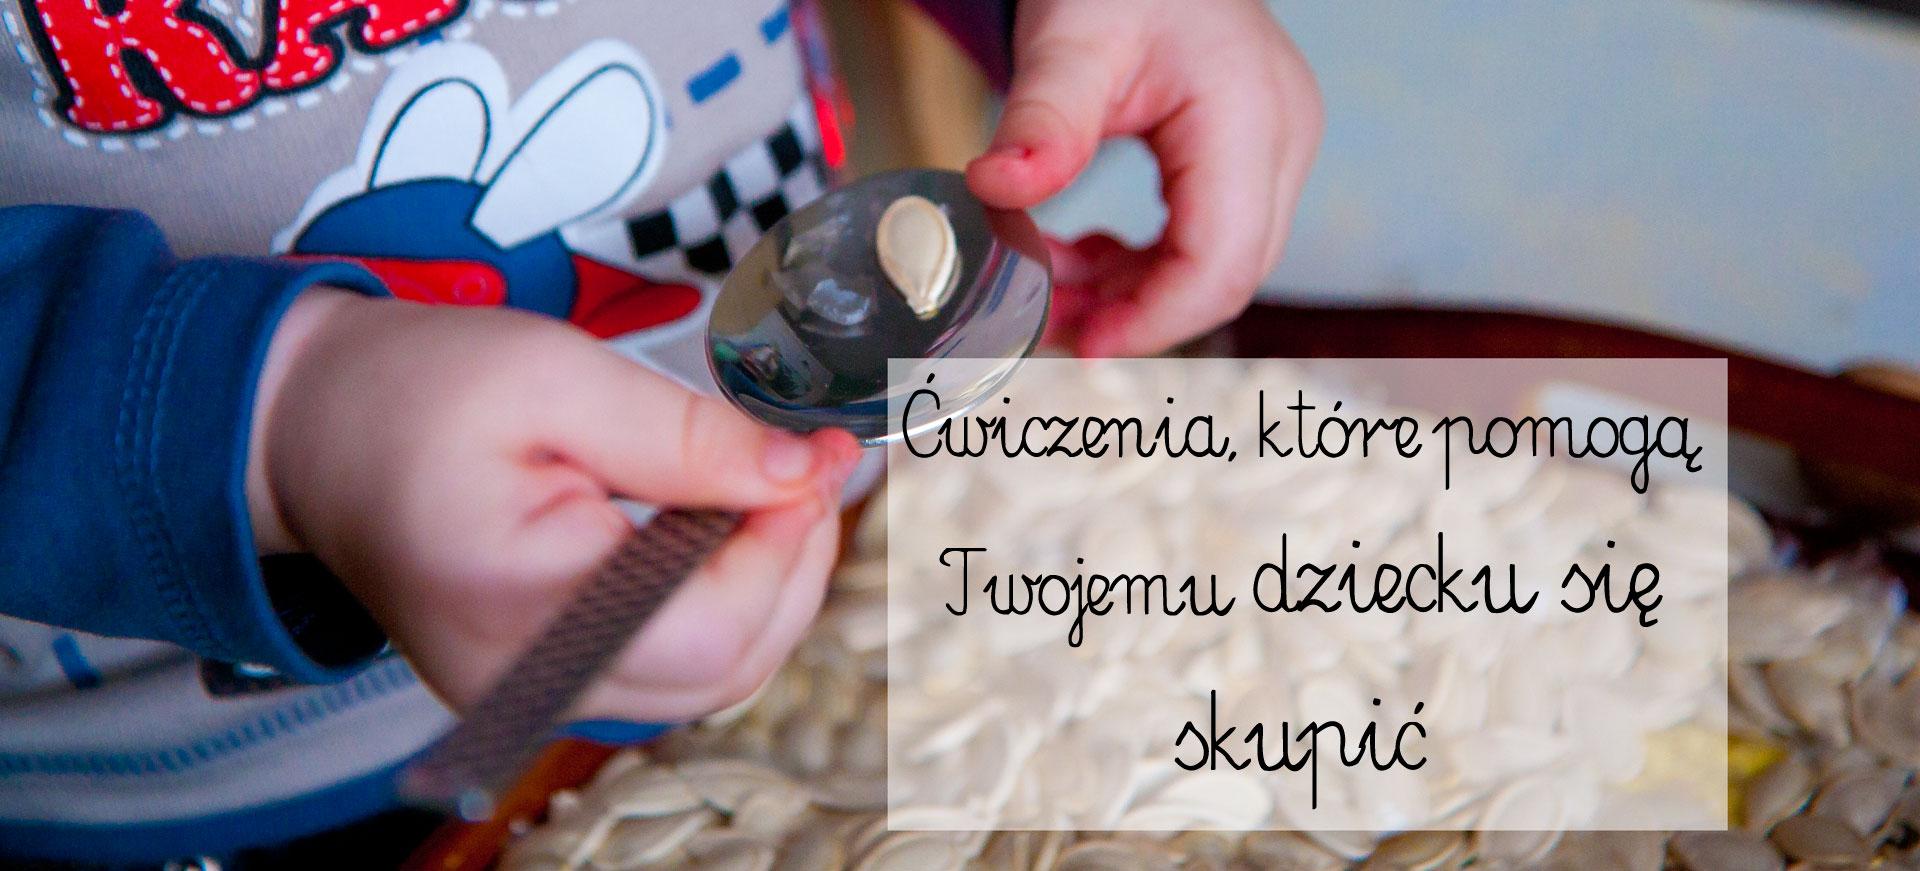 ćwiczenia na skupienie dziecko, dziecko problemy z koncentracją, dziecko rozkojarzone